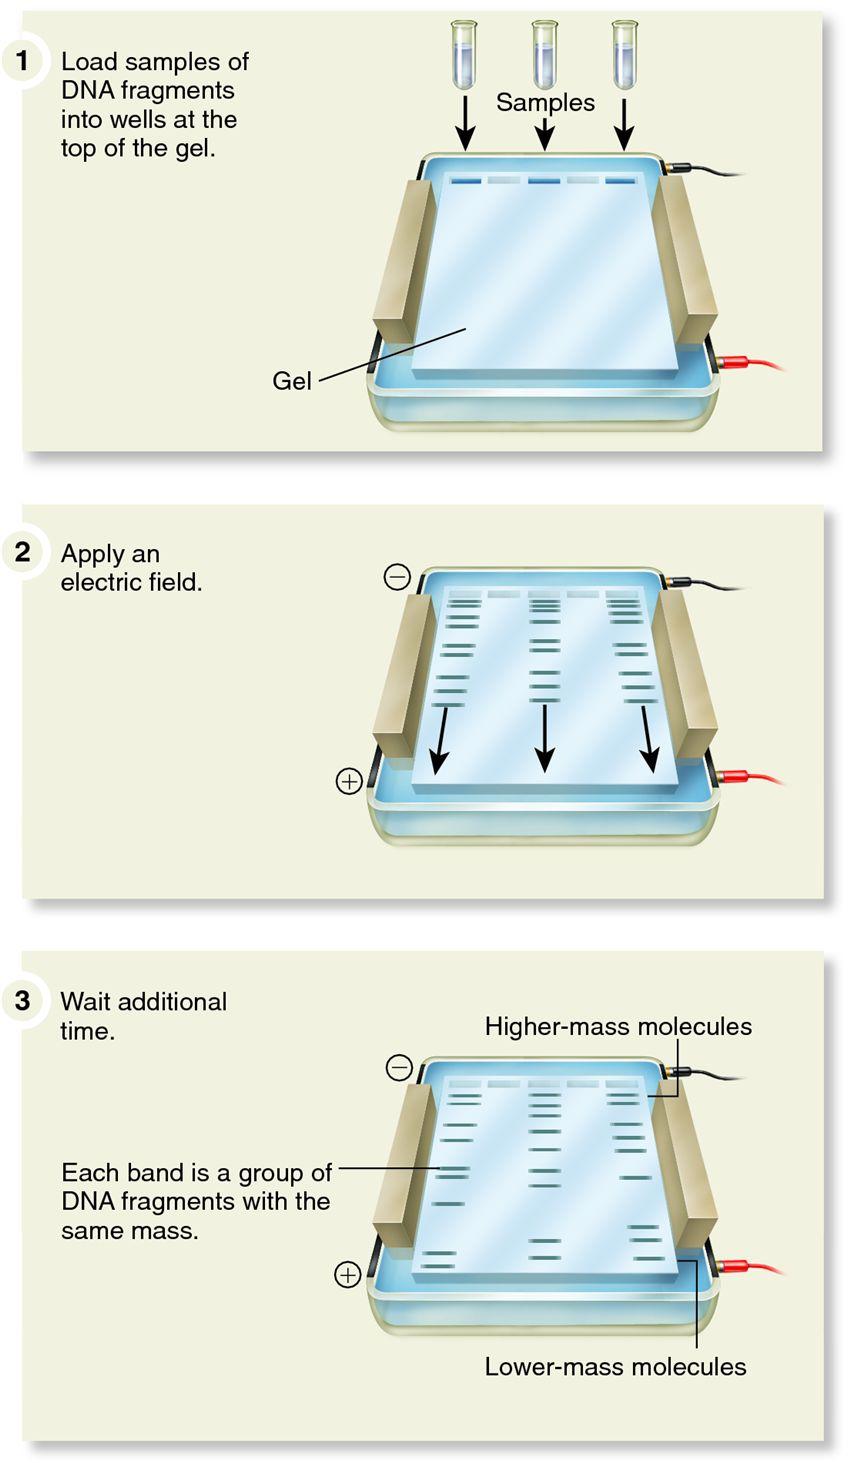 Agarose Gel Electrophoresis for the Separation of DNA Fragments